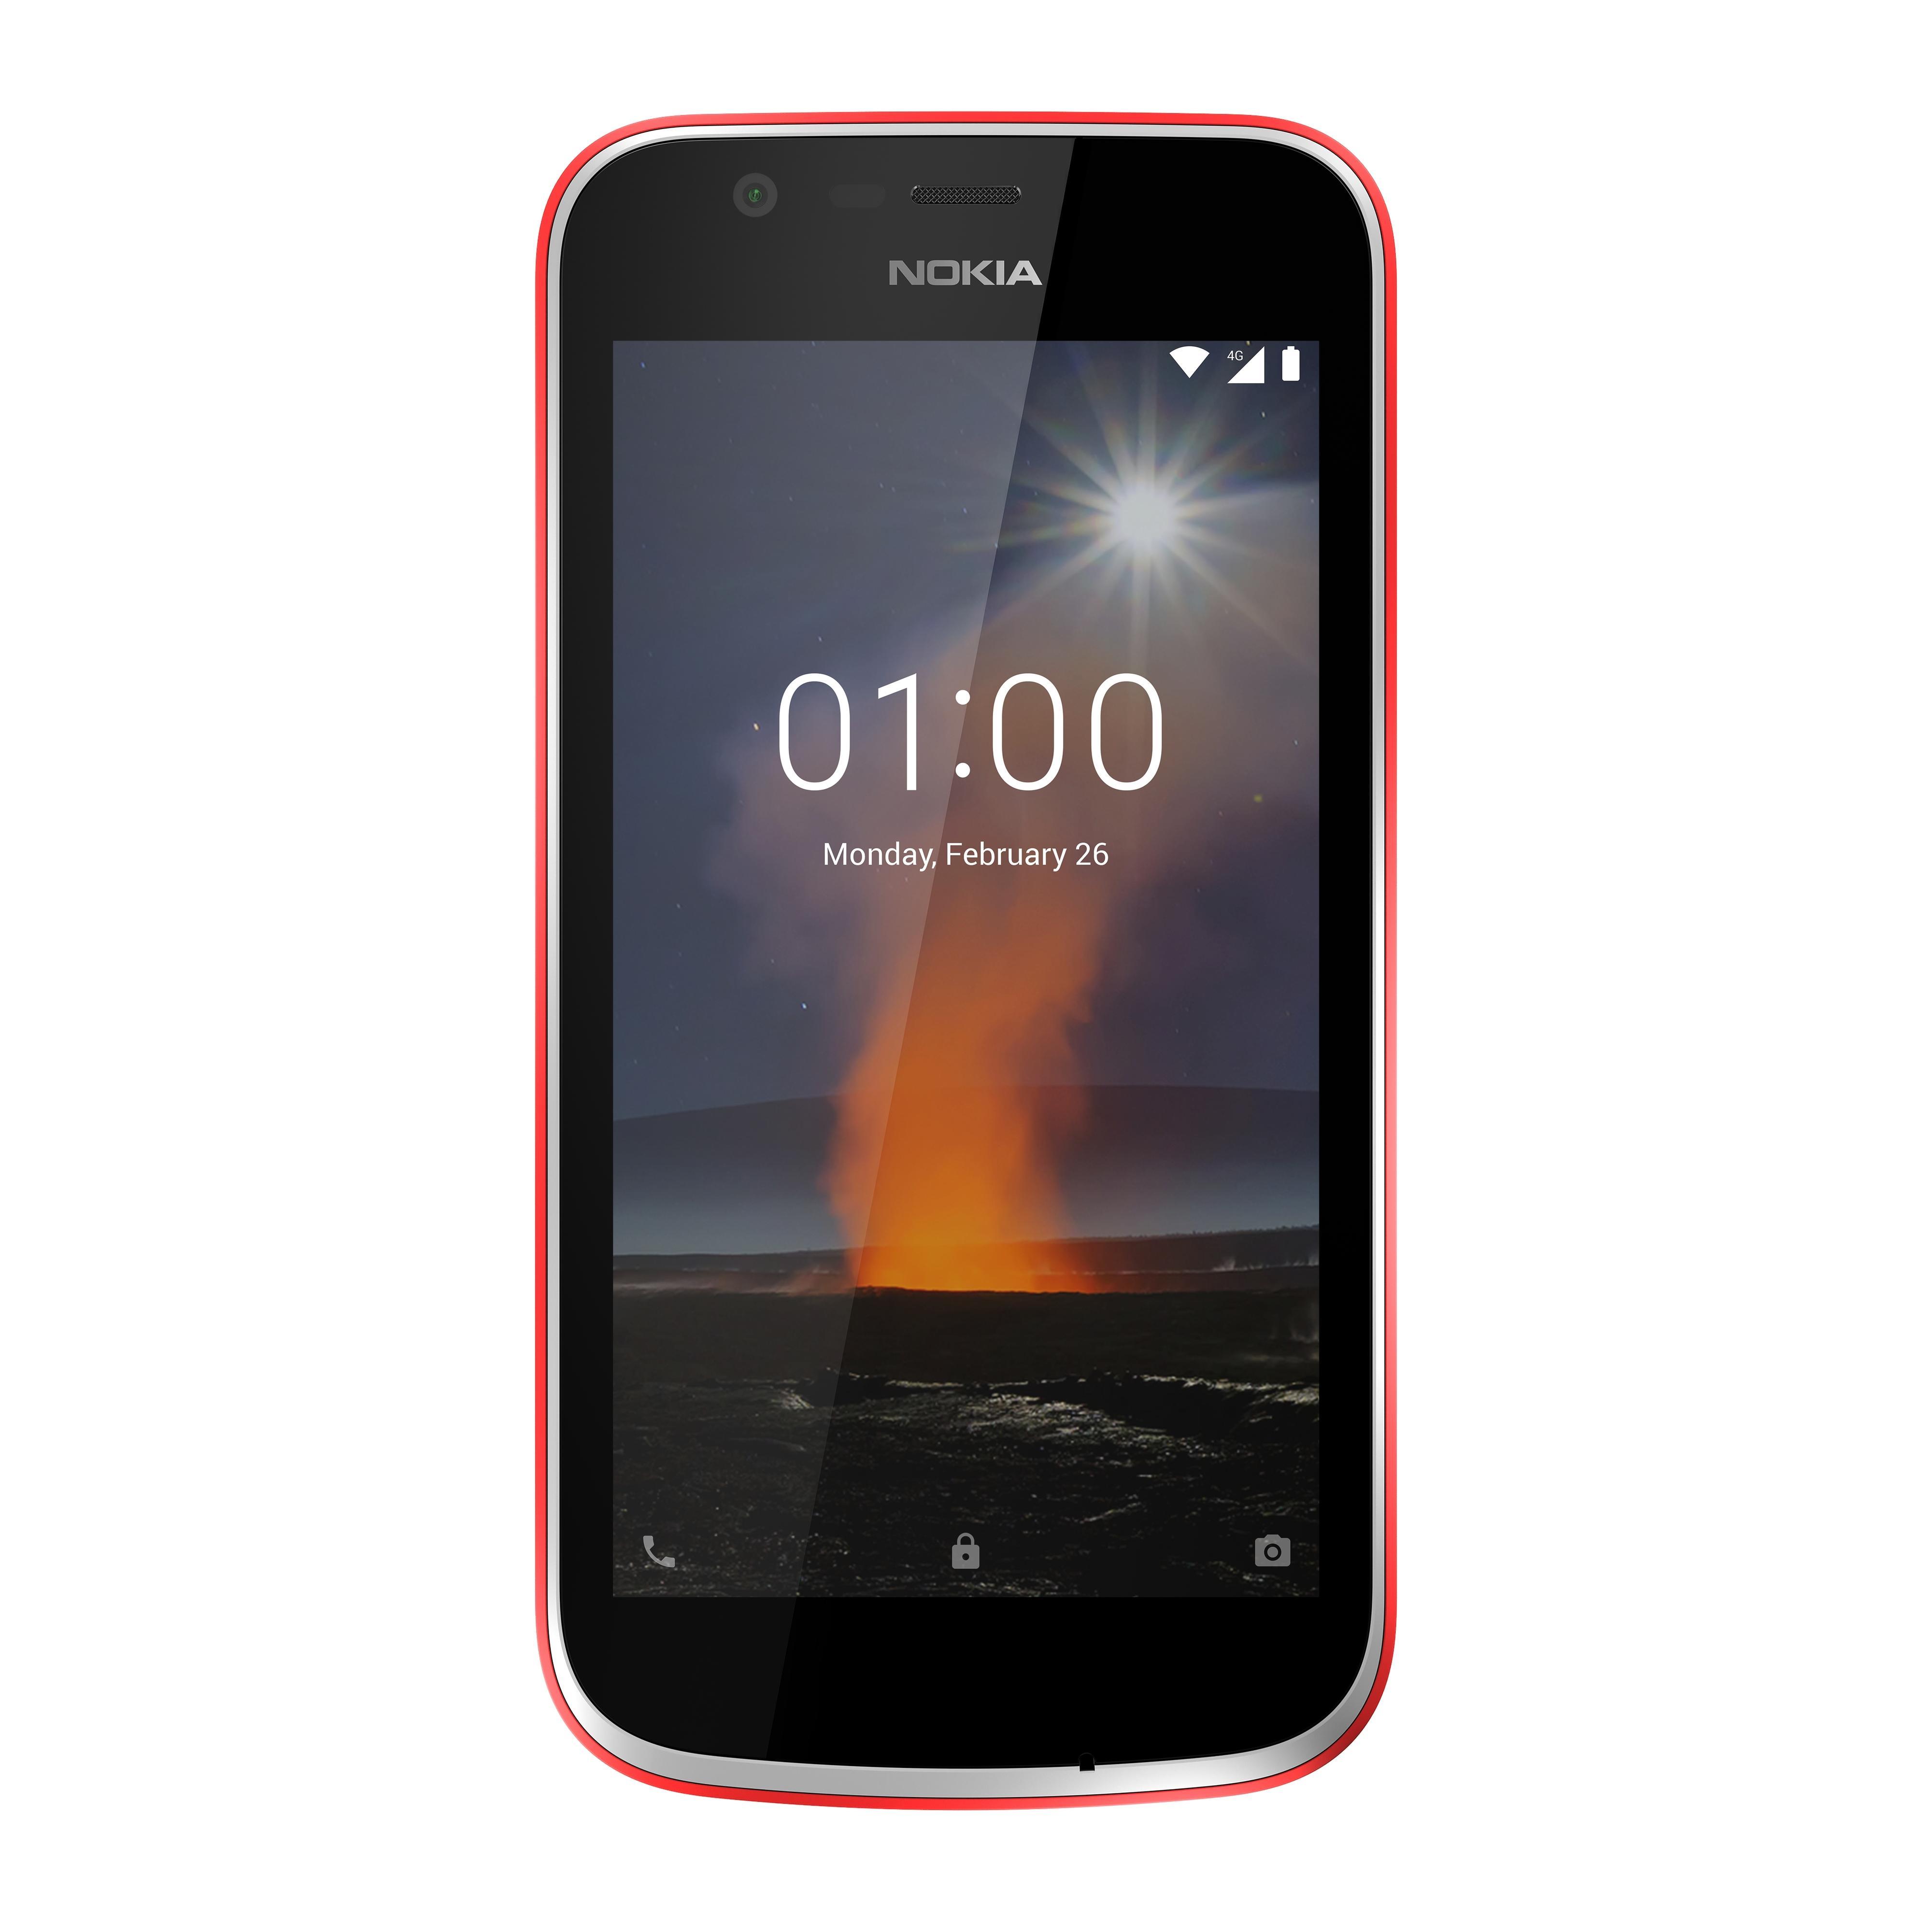 Nokia 1 er en av de aller første modellene i det nye Android Go-programmet. Serien skal sørge for enkle, billige og raske telefoner.